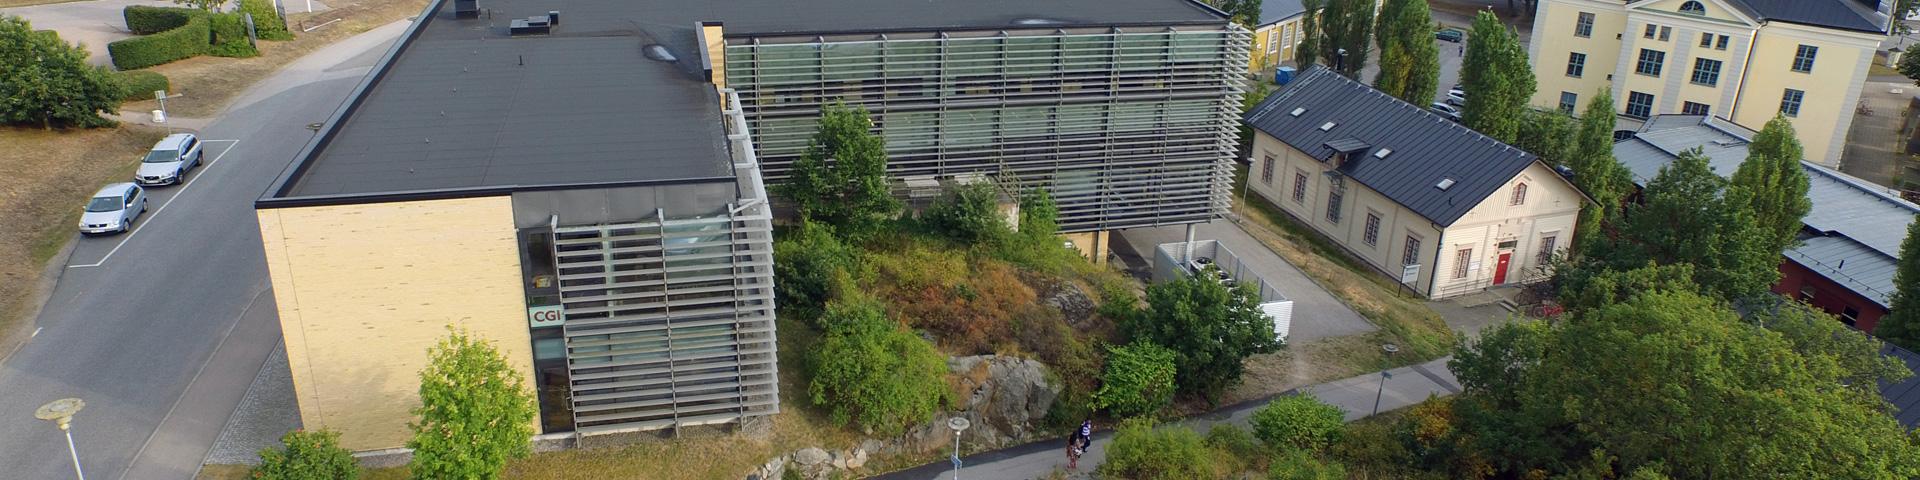 campus-grasvik-26